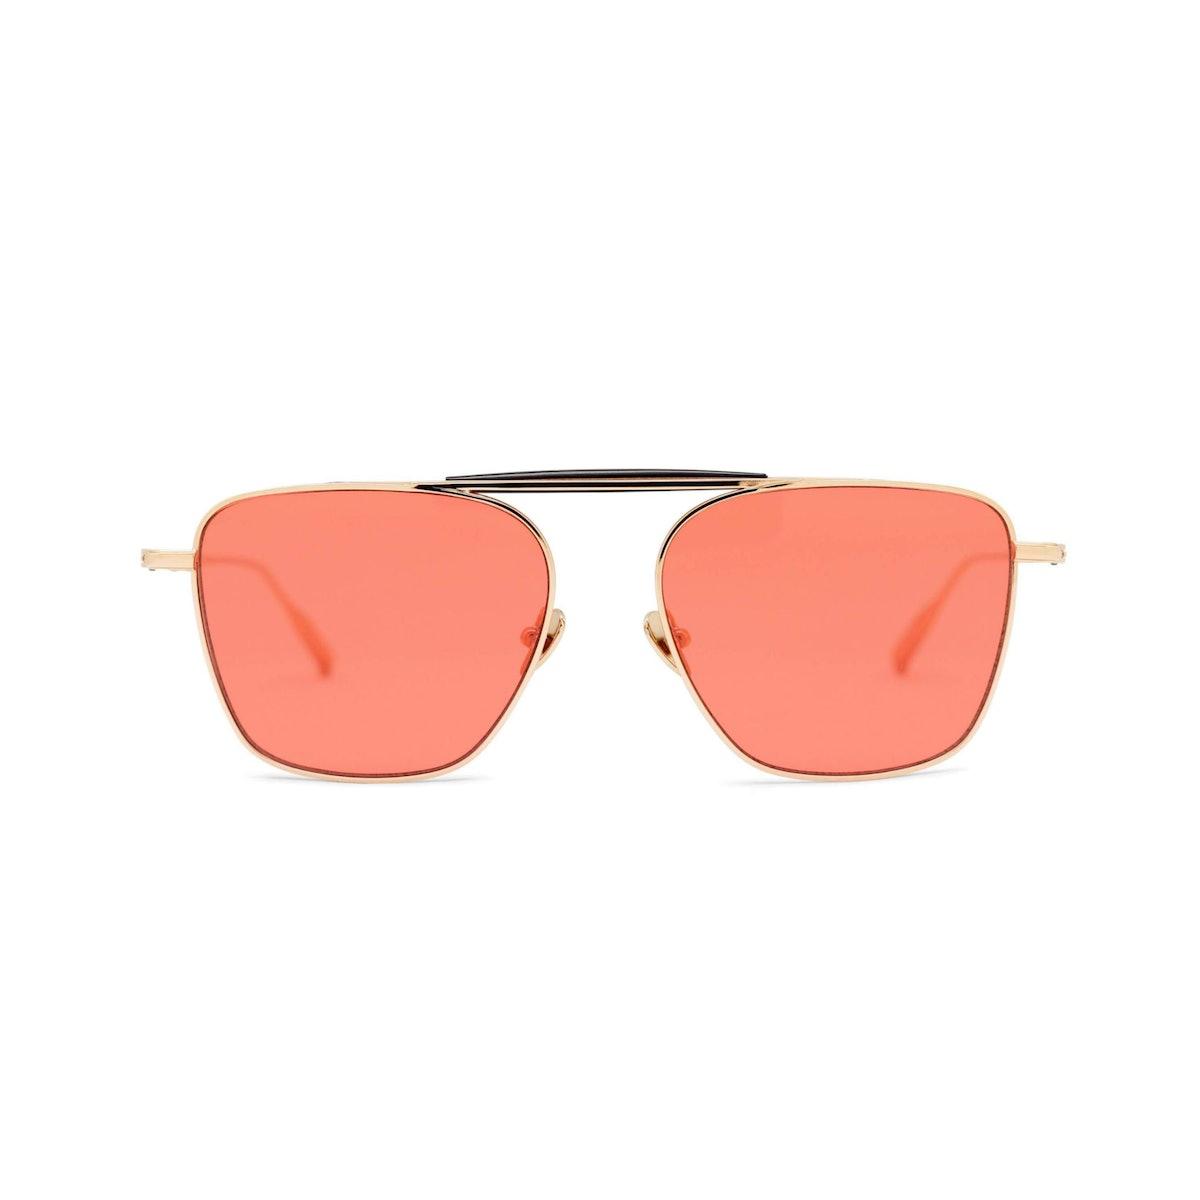 BENJAMIN Rose Gold Sunglasses